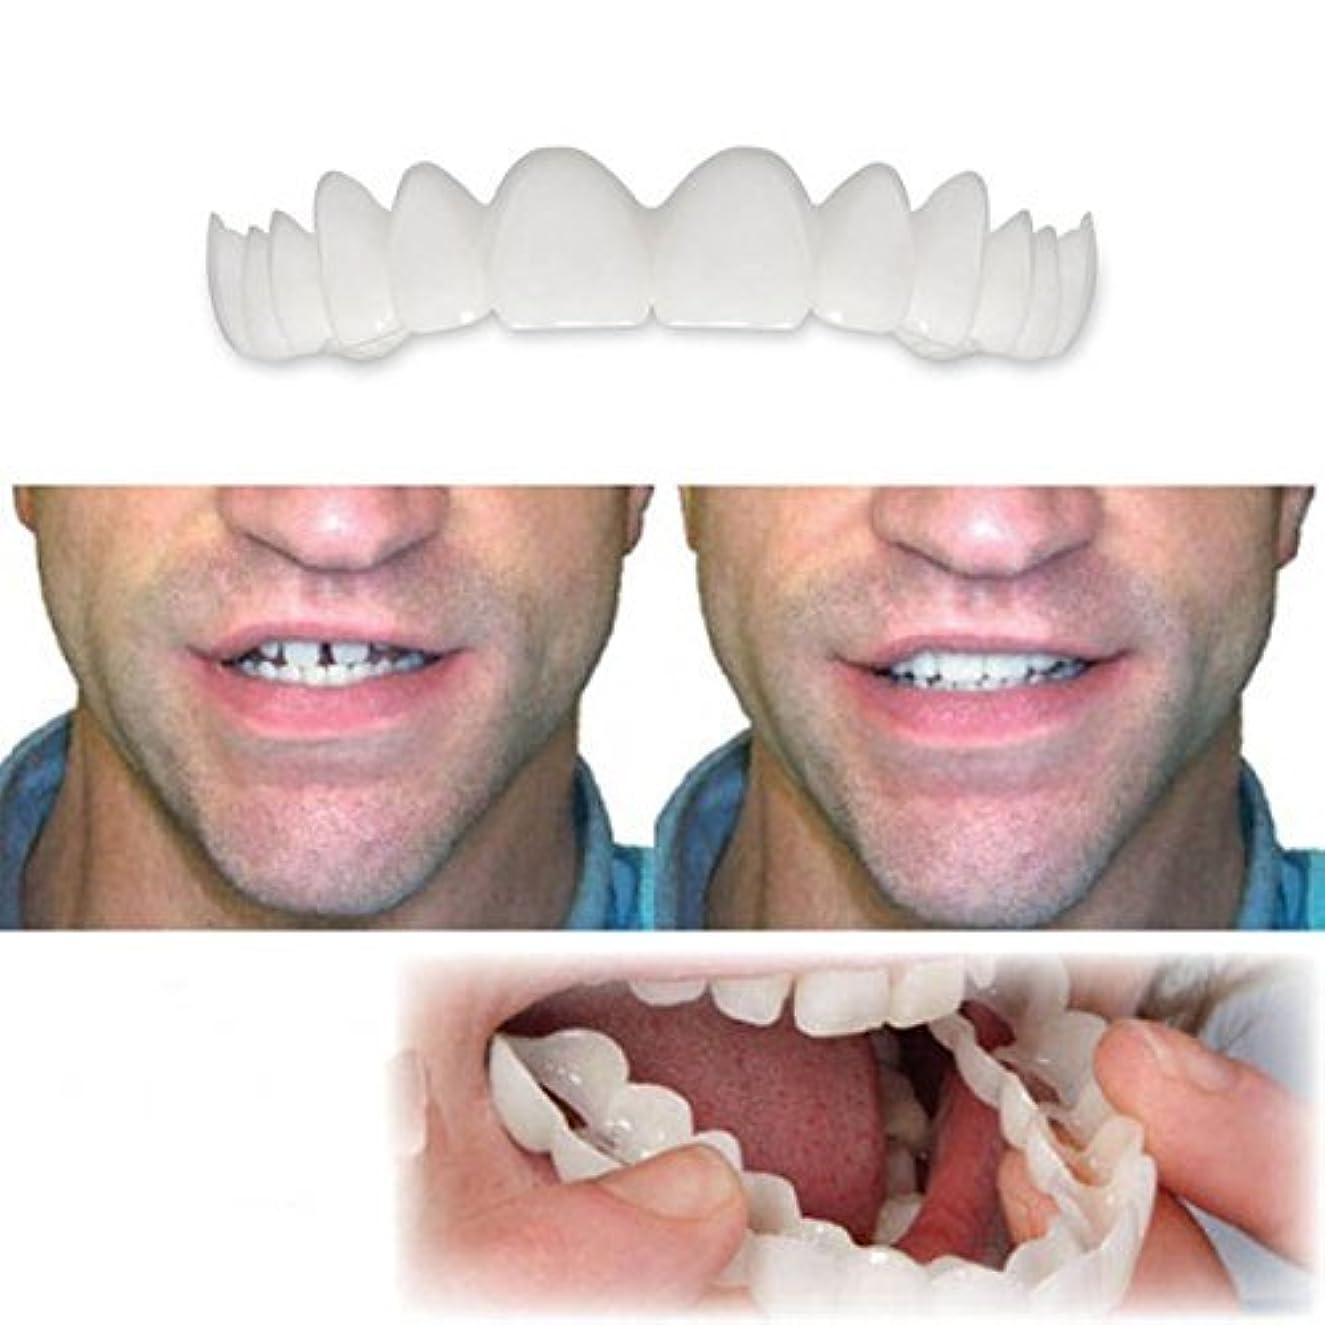 結び目弱める支店義歯上下義歯インスタントスマイルコンフォートフィットフレックスコスメティックティーストップ化粧品突き合わせ箱入り(下+上),3Pairs